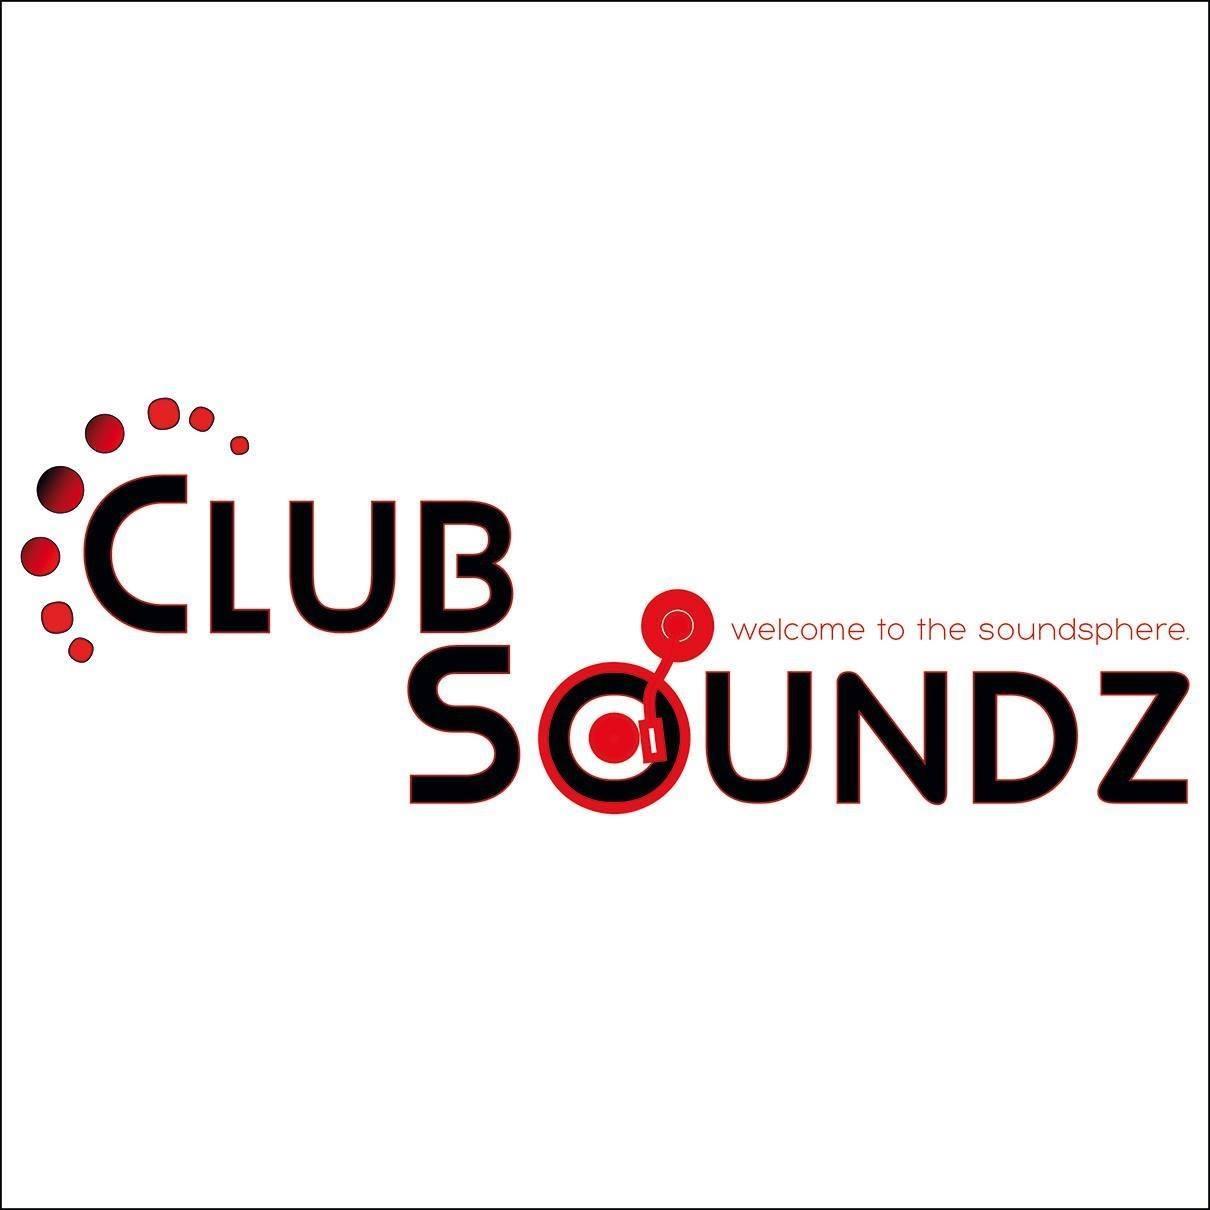 Clubsoundz